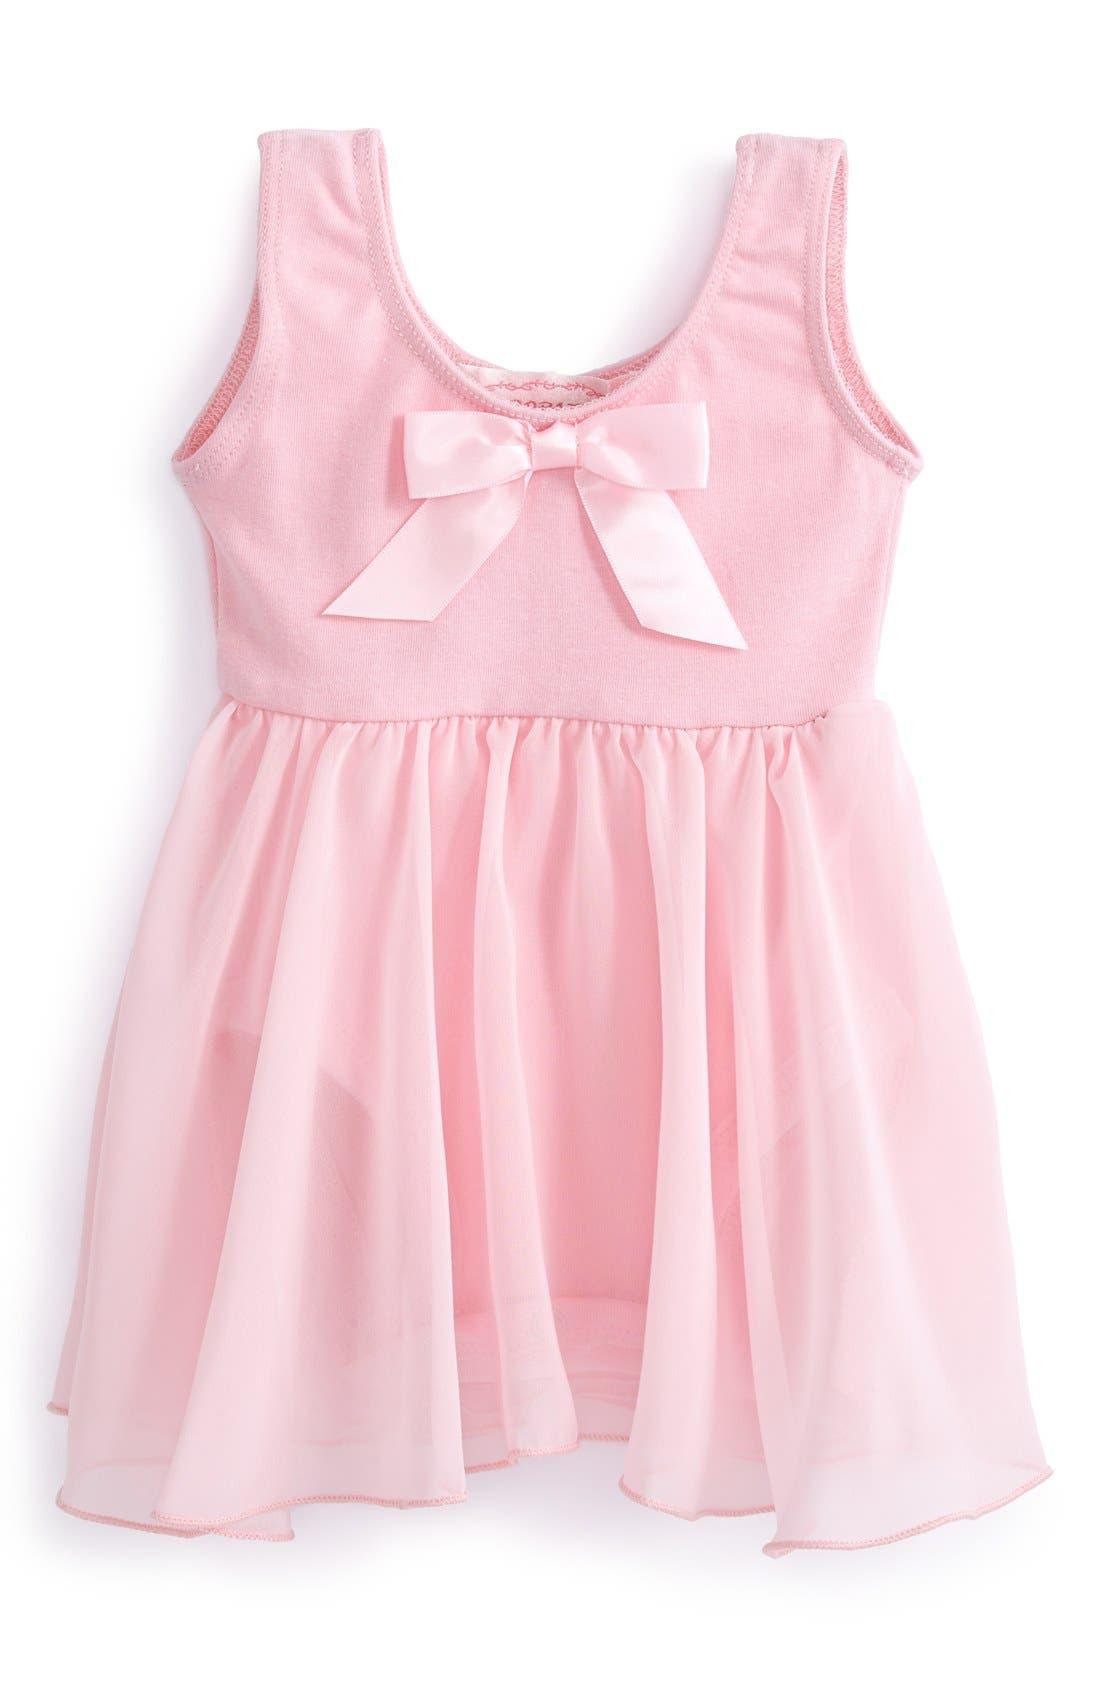 Main Image - Popatu Ballerina Dress (Baby Girls)